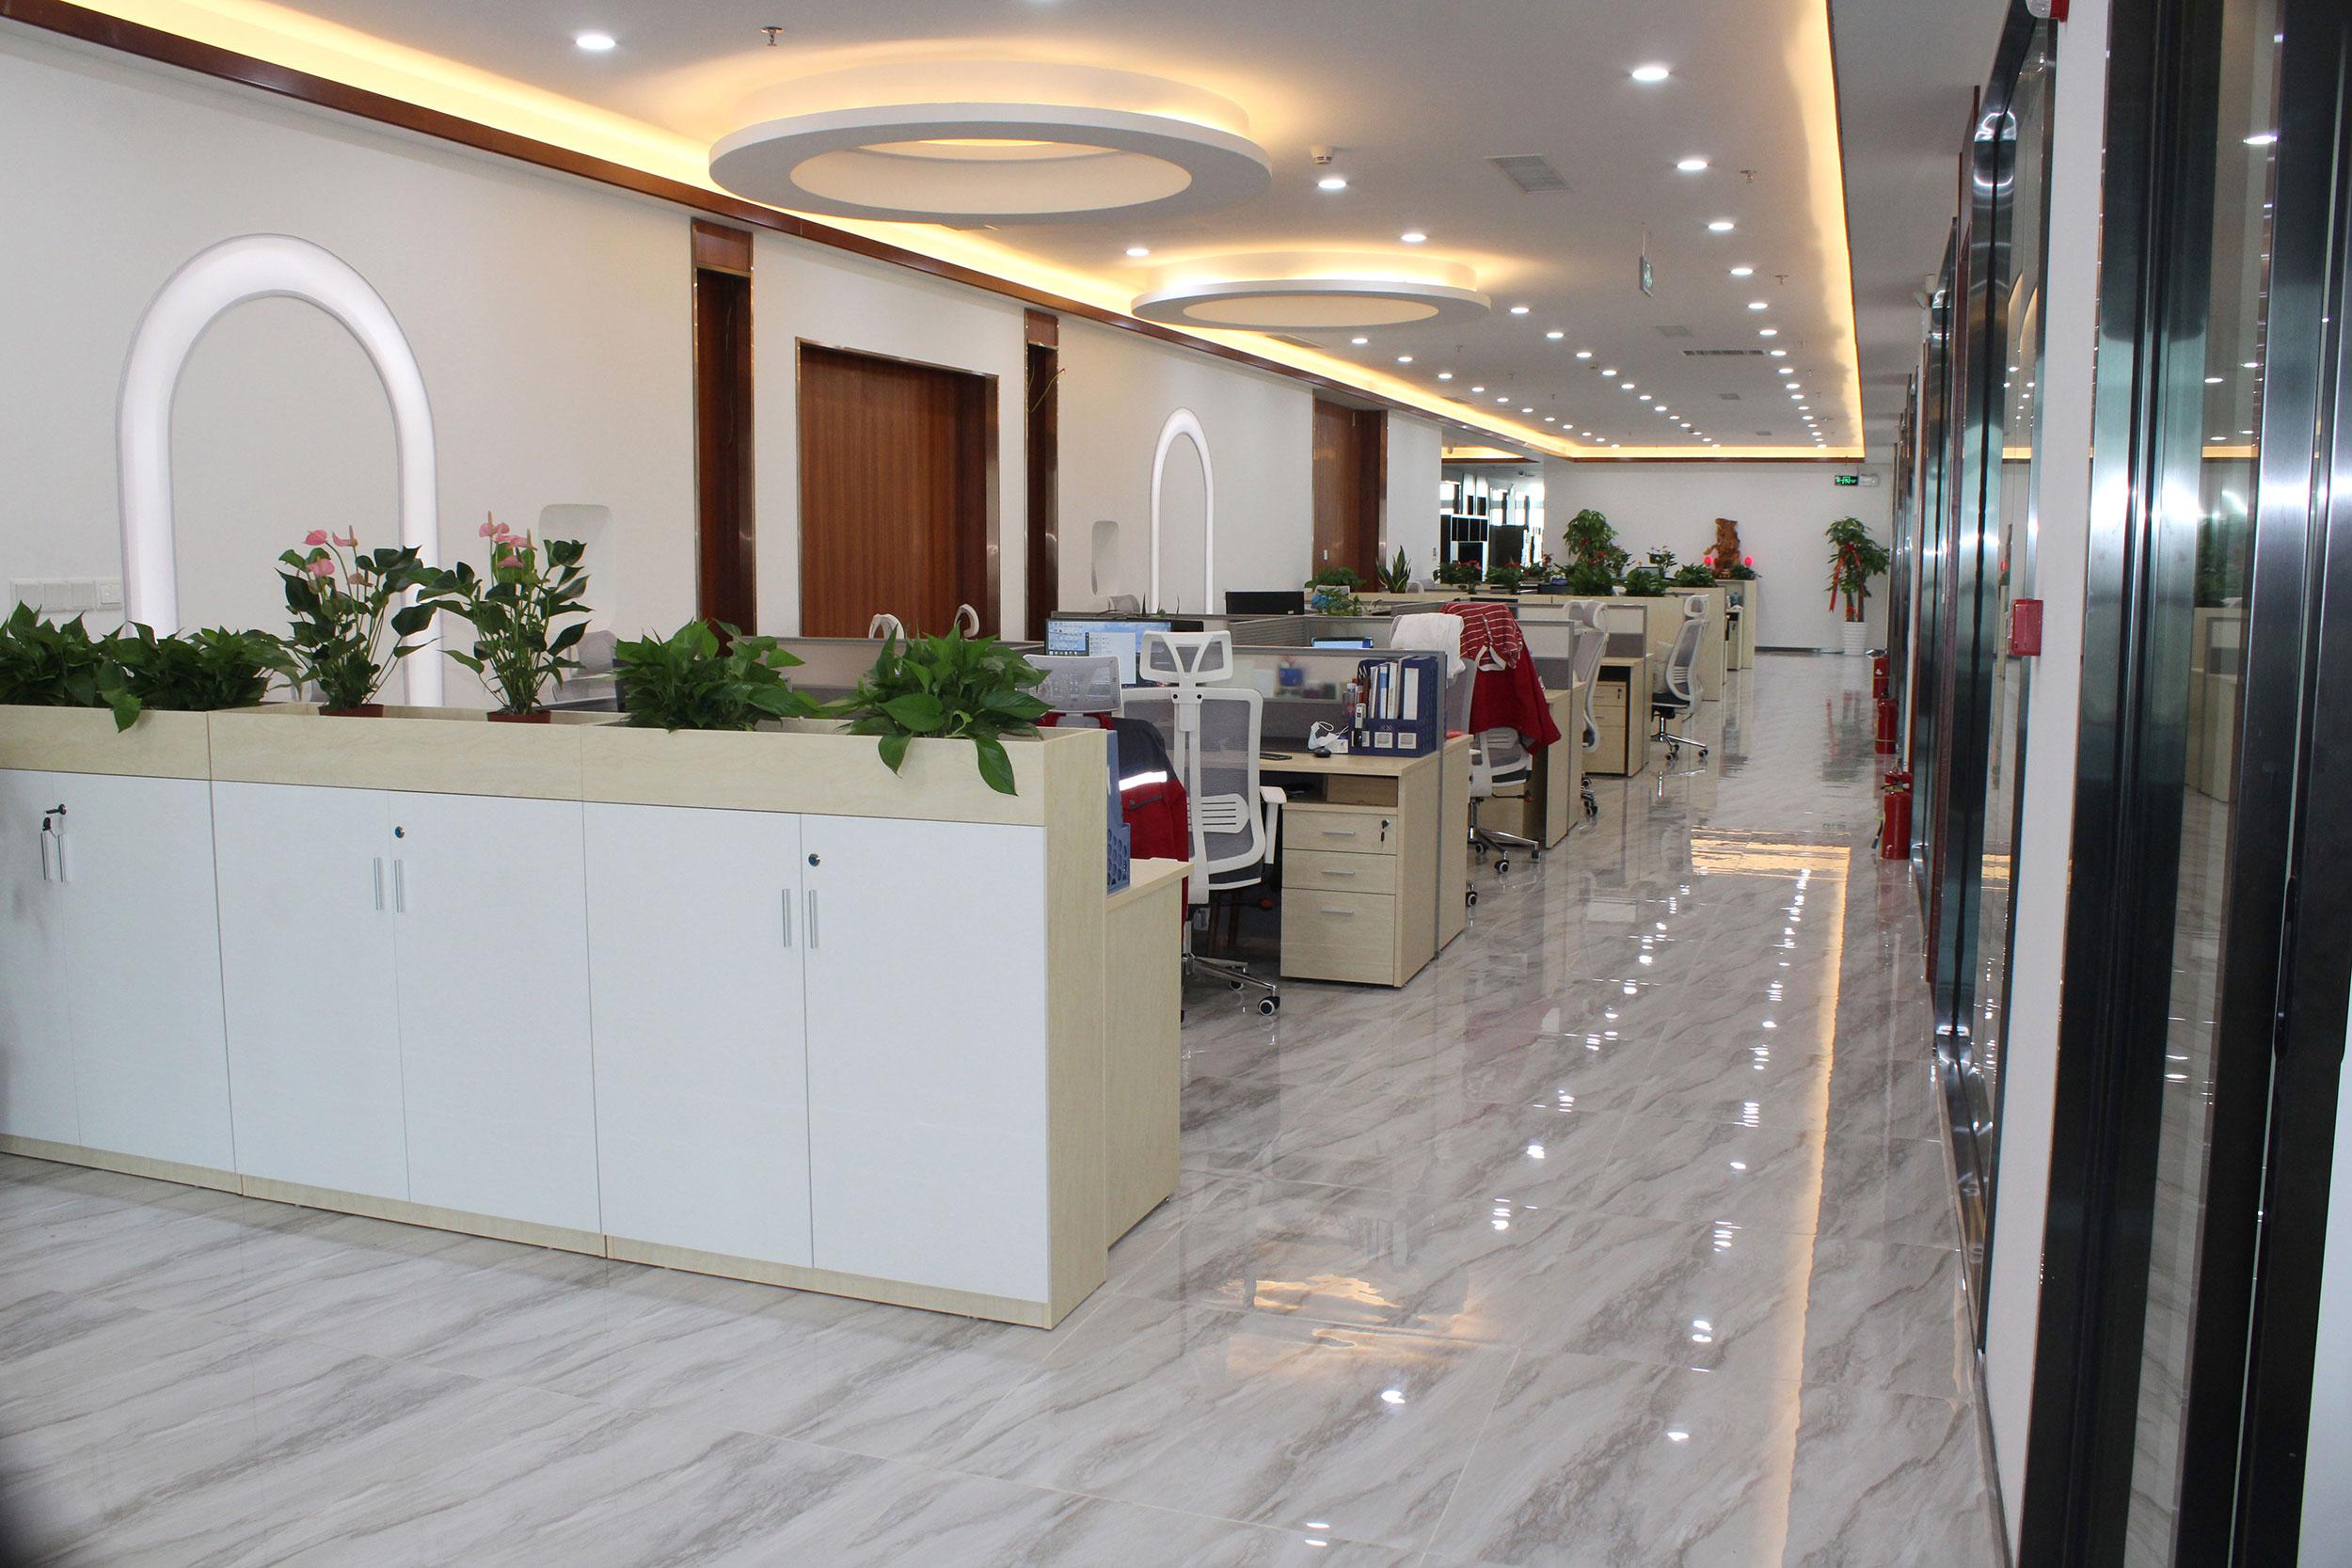 热烈祝贺广州高能计算机喜迁新址 气象更新,砥砺前行